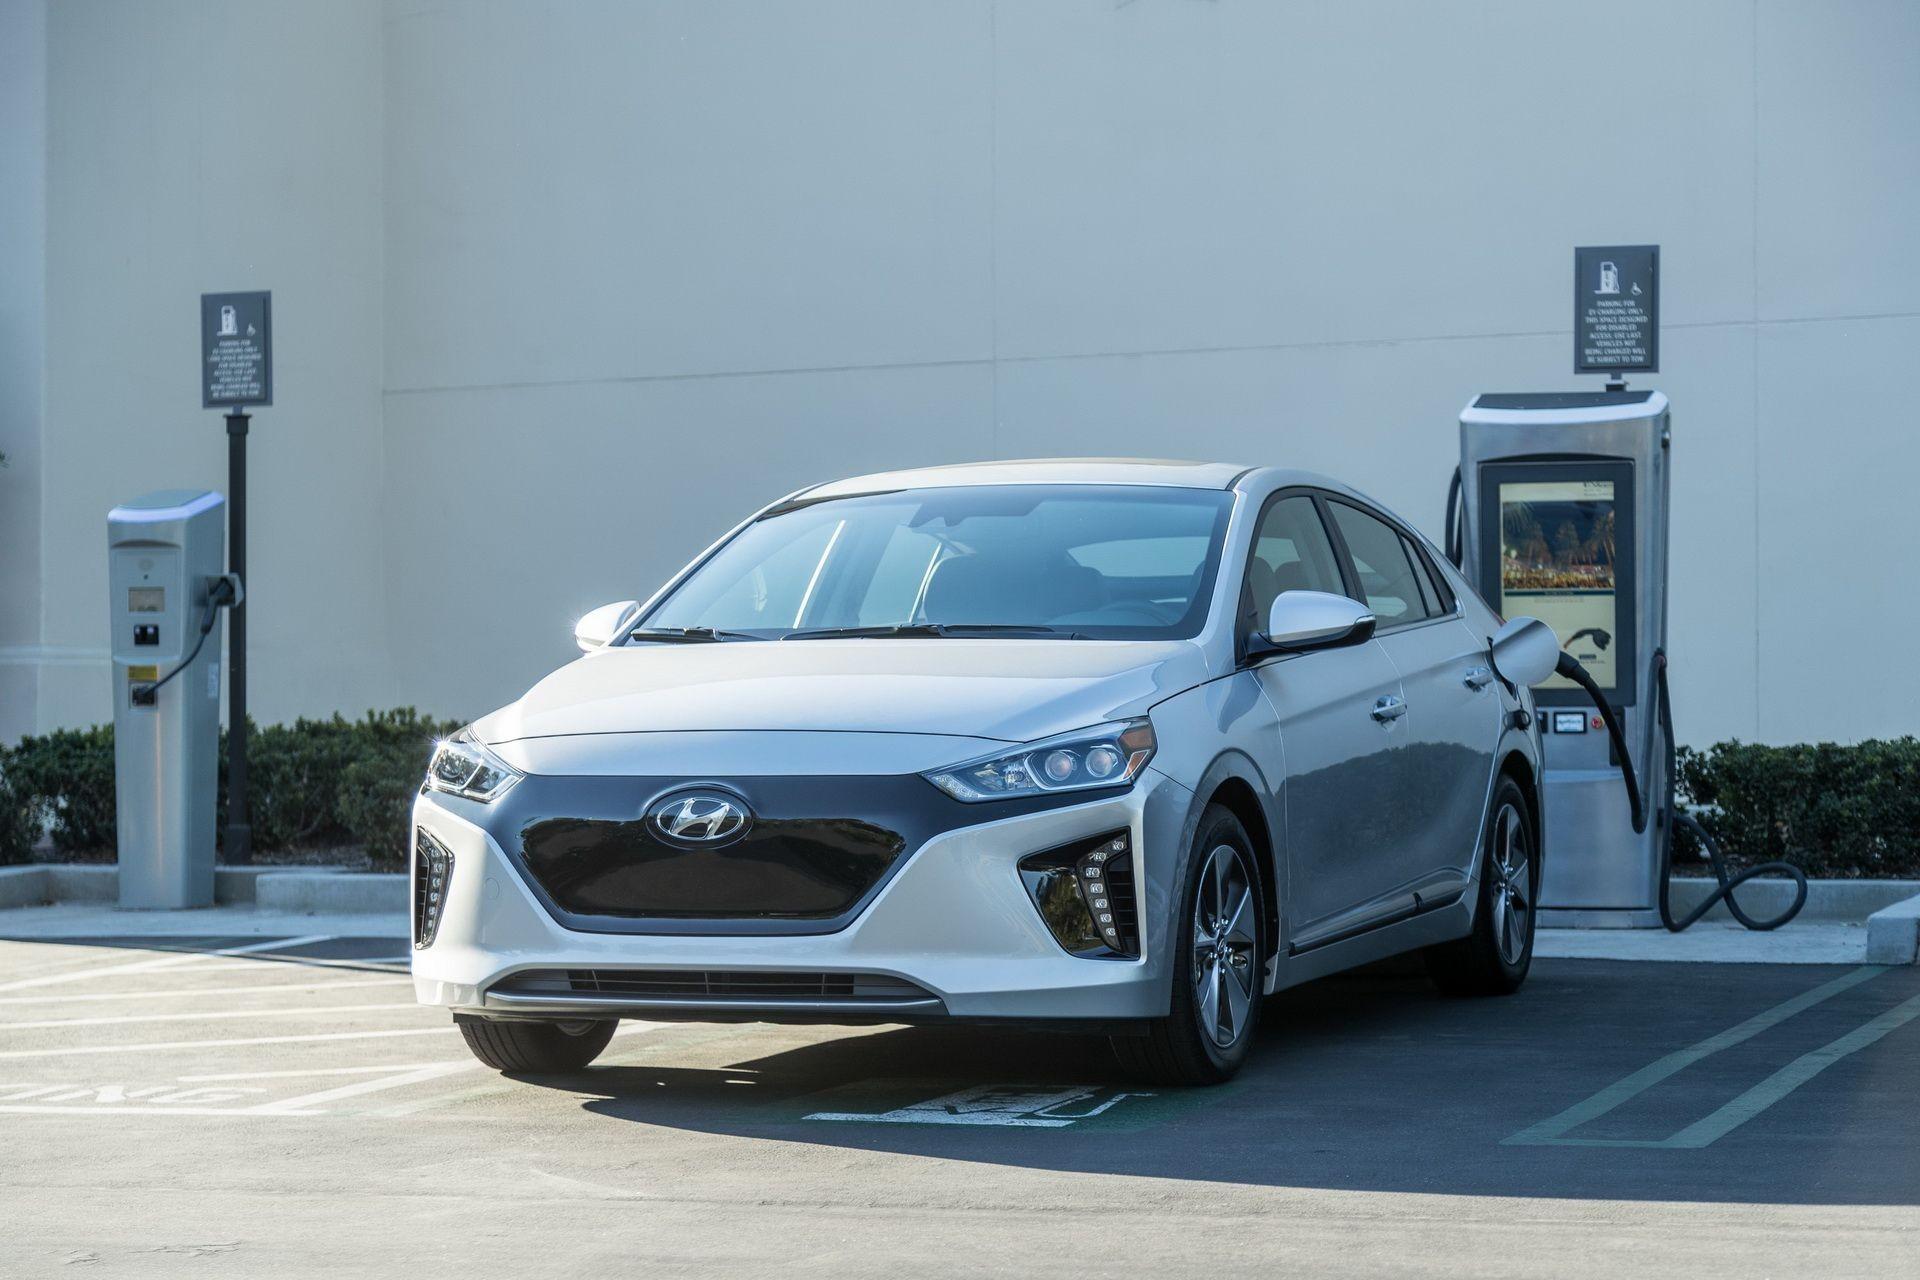 Электрокар Hyundai Ioniq получит батарею большей емкости 1